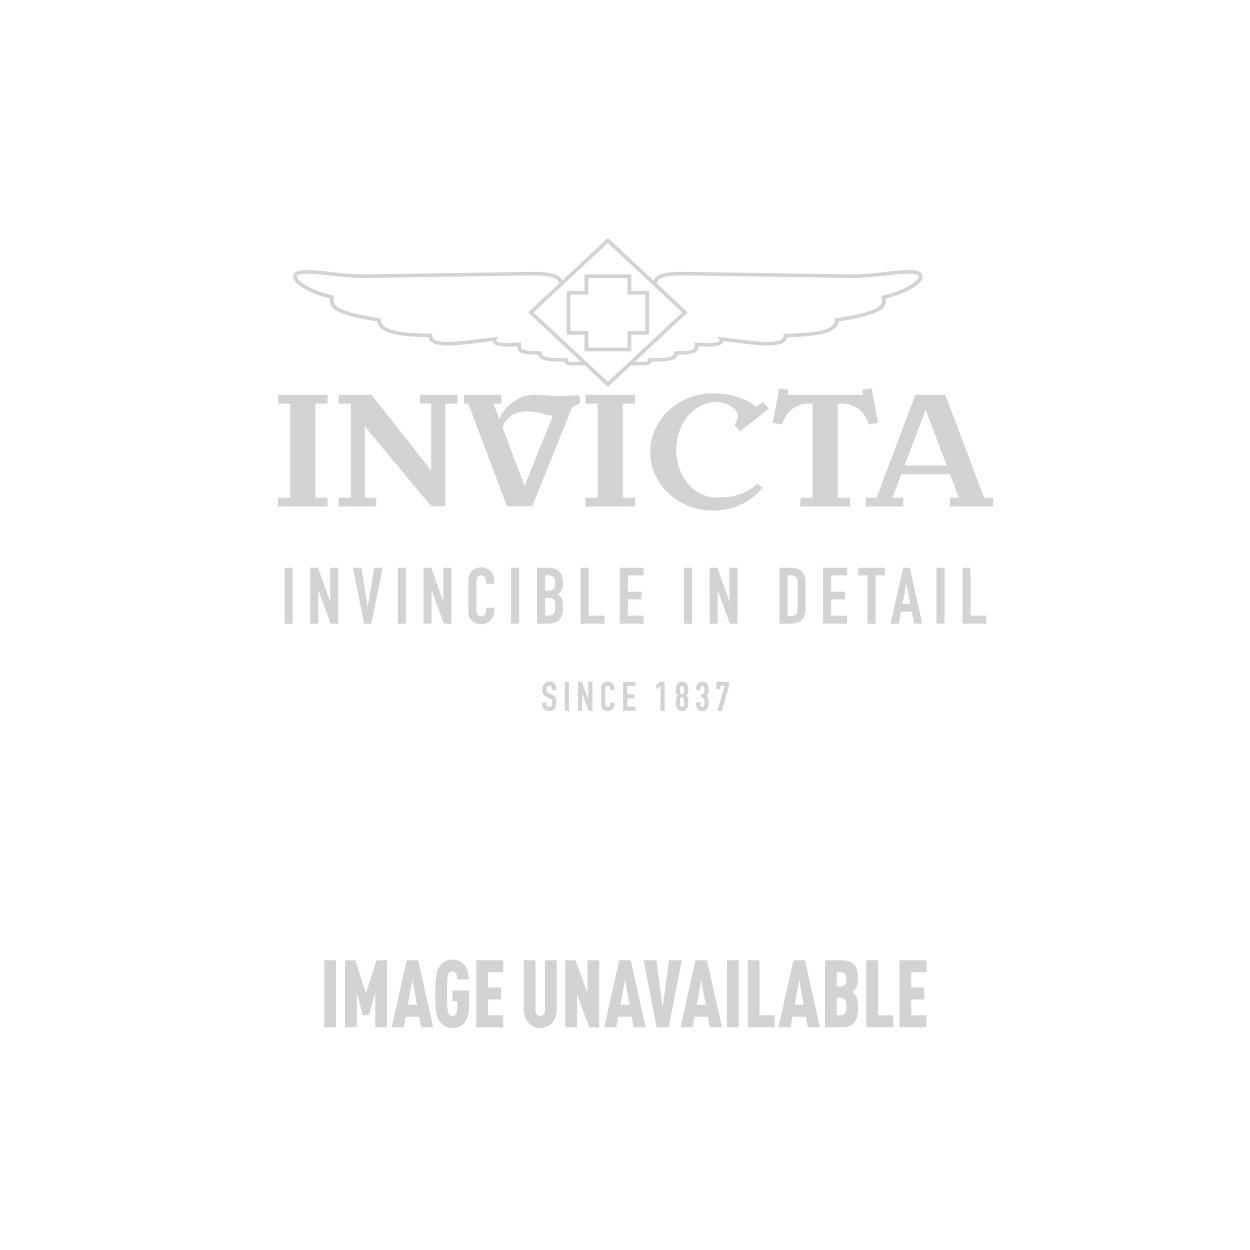 Invicta Model 28169